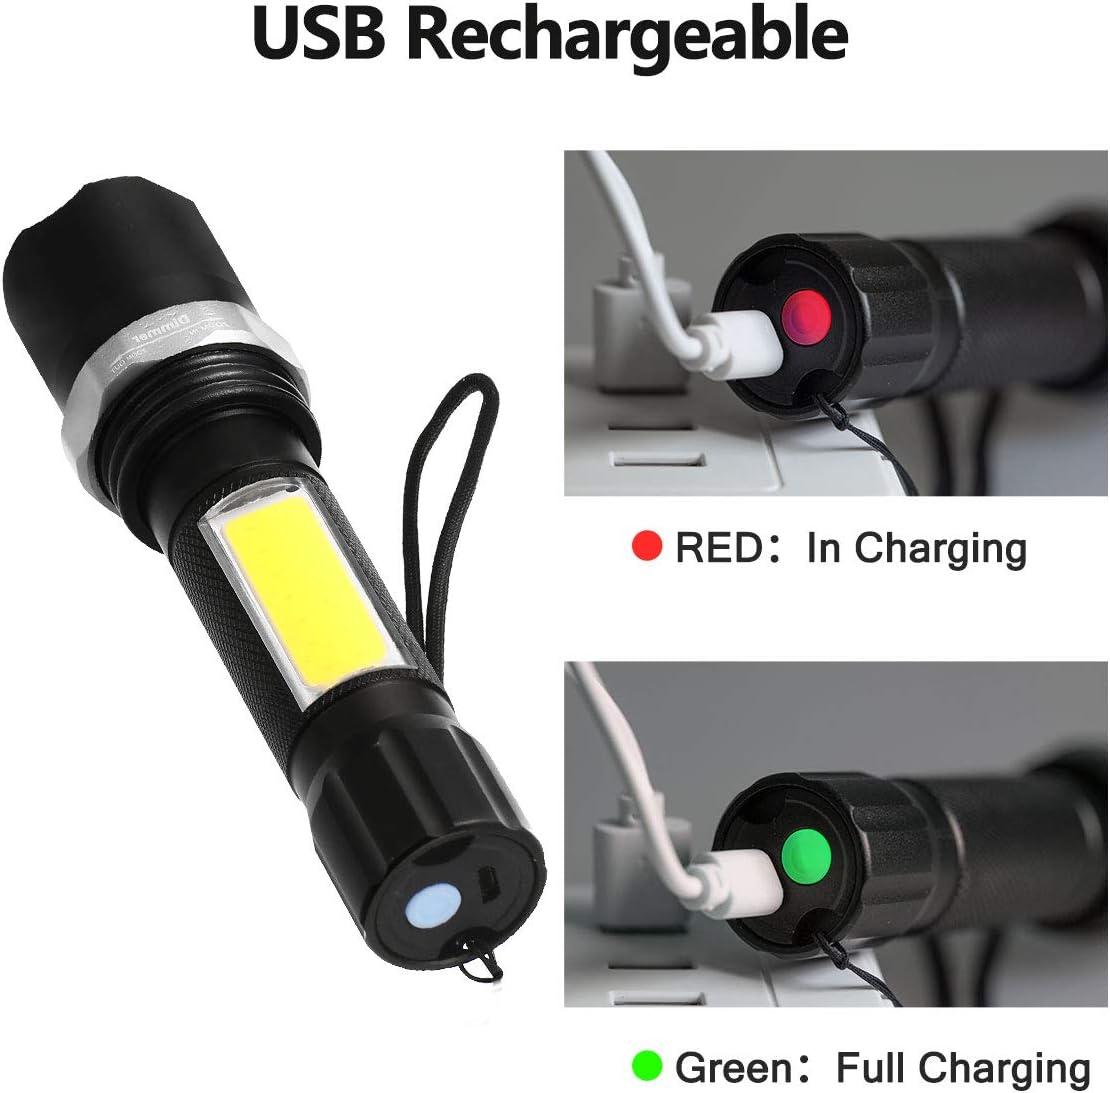 con cable USB senderismo zoom para exterior camping 1 unidad 600 l/úmenes Fulighture Linterna LED recargable por USB IPX5 linterna con 4 modos y larga duraci/ón de trabajo resistente al agua